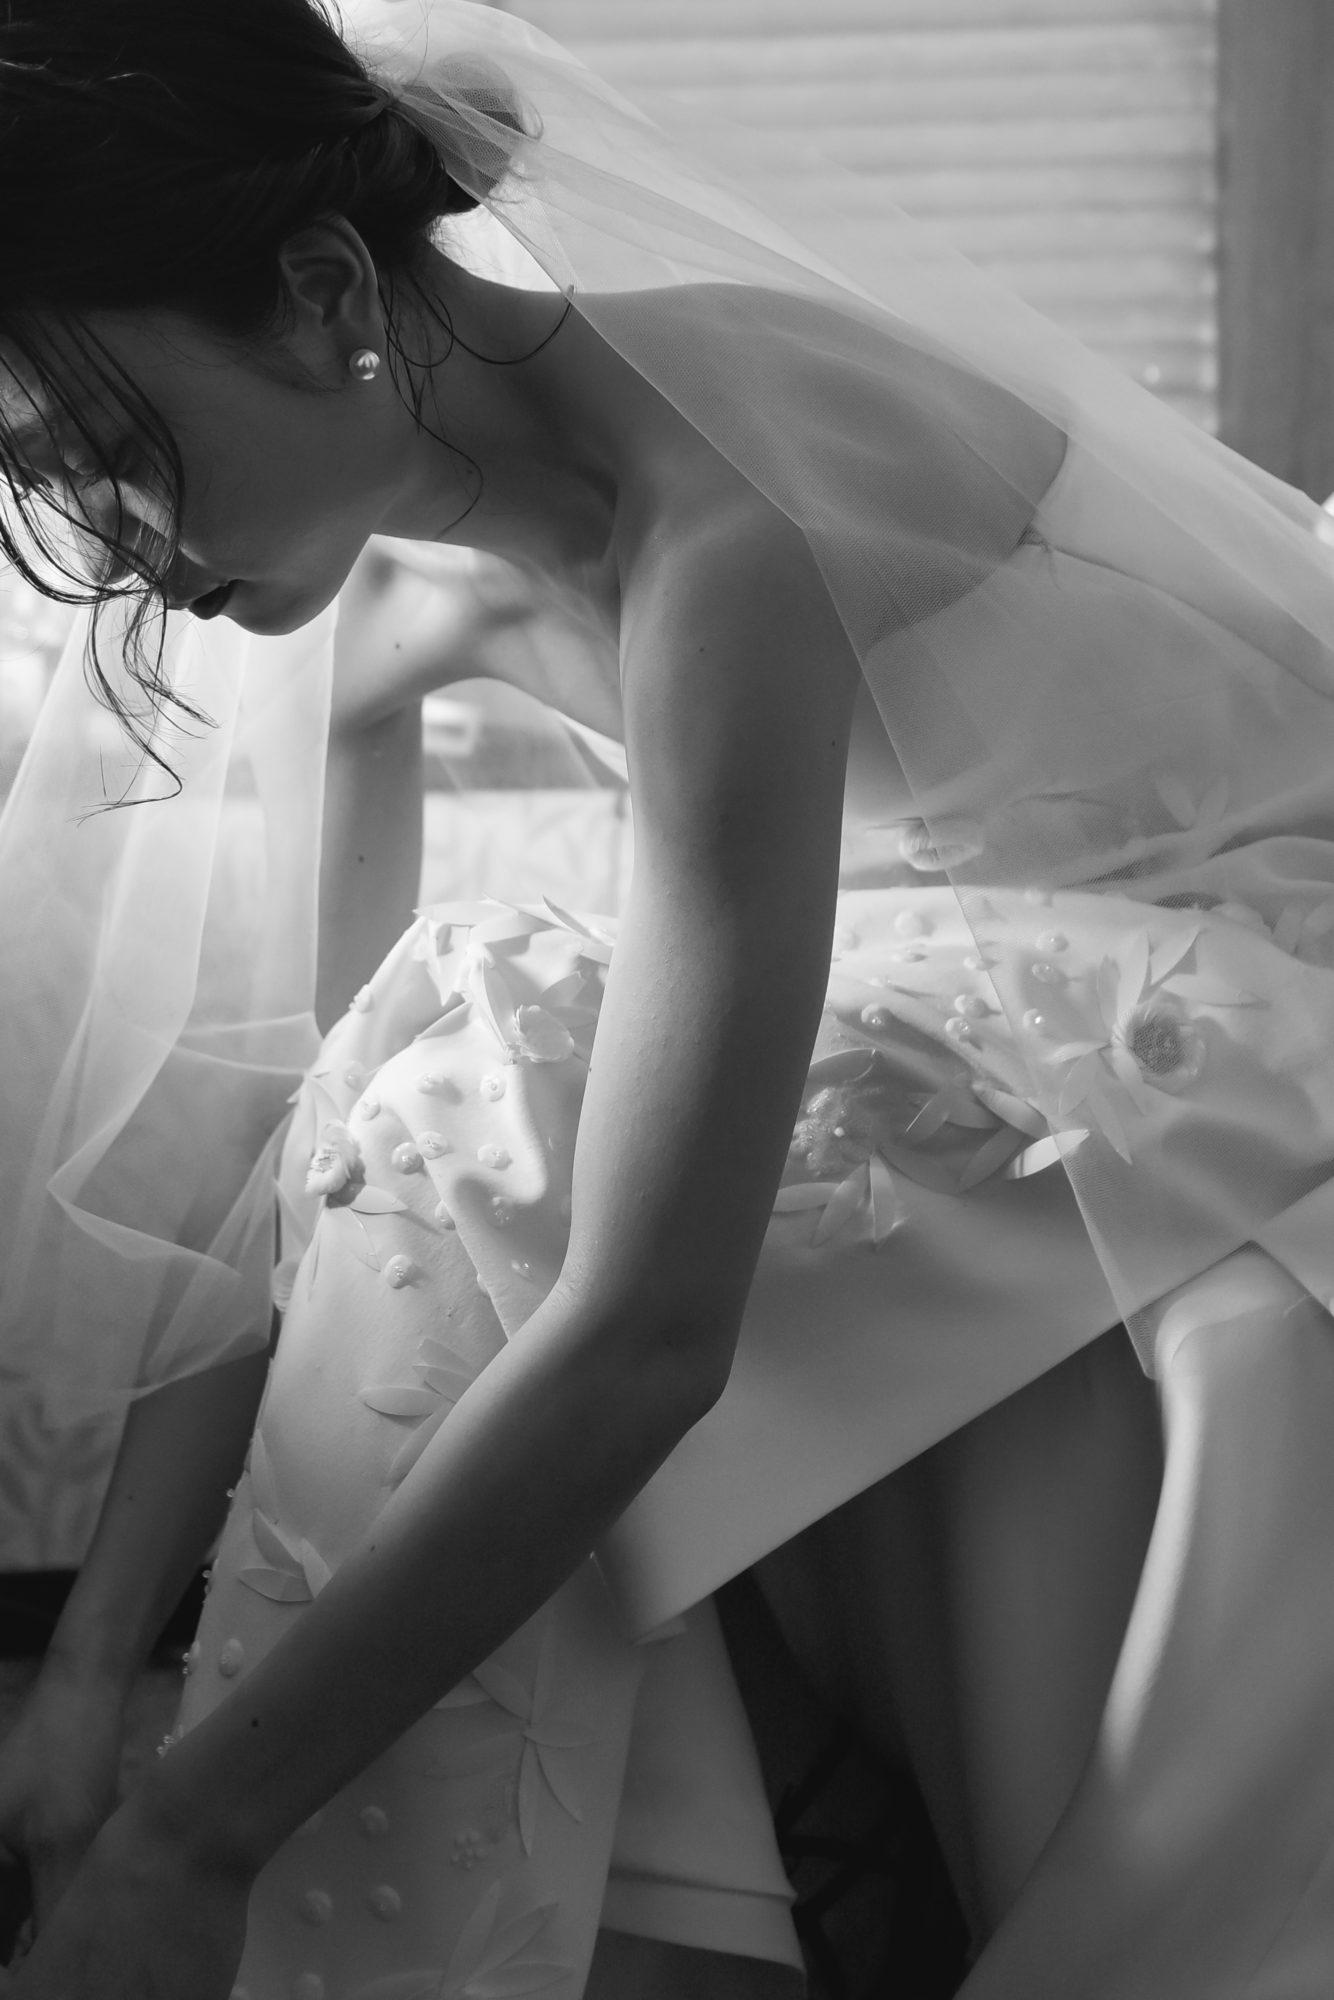 ザトリートドレッシングの人気のブランドのデルポソのウエディングドレス